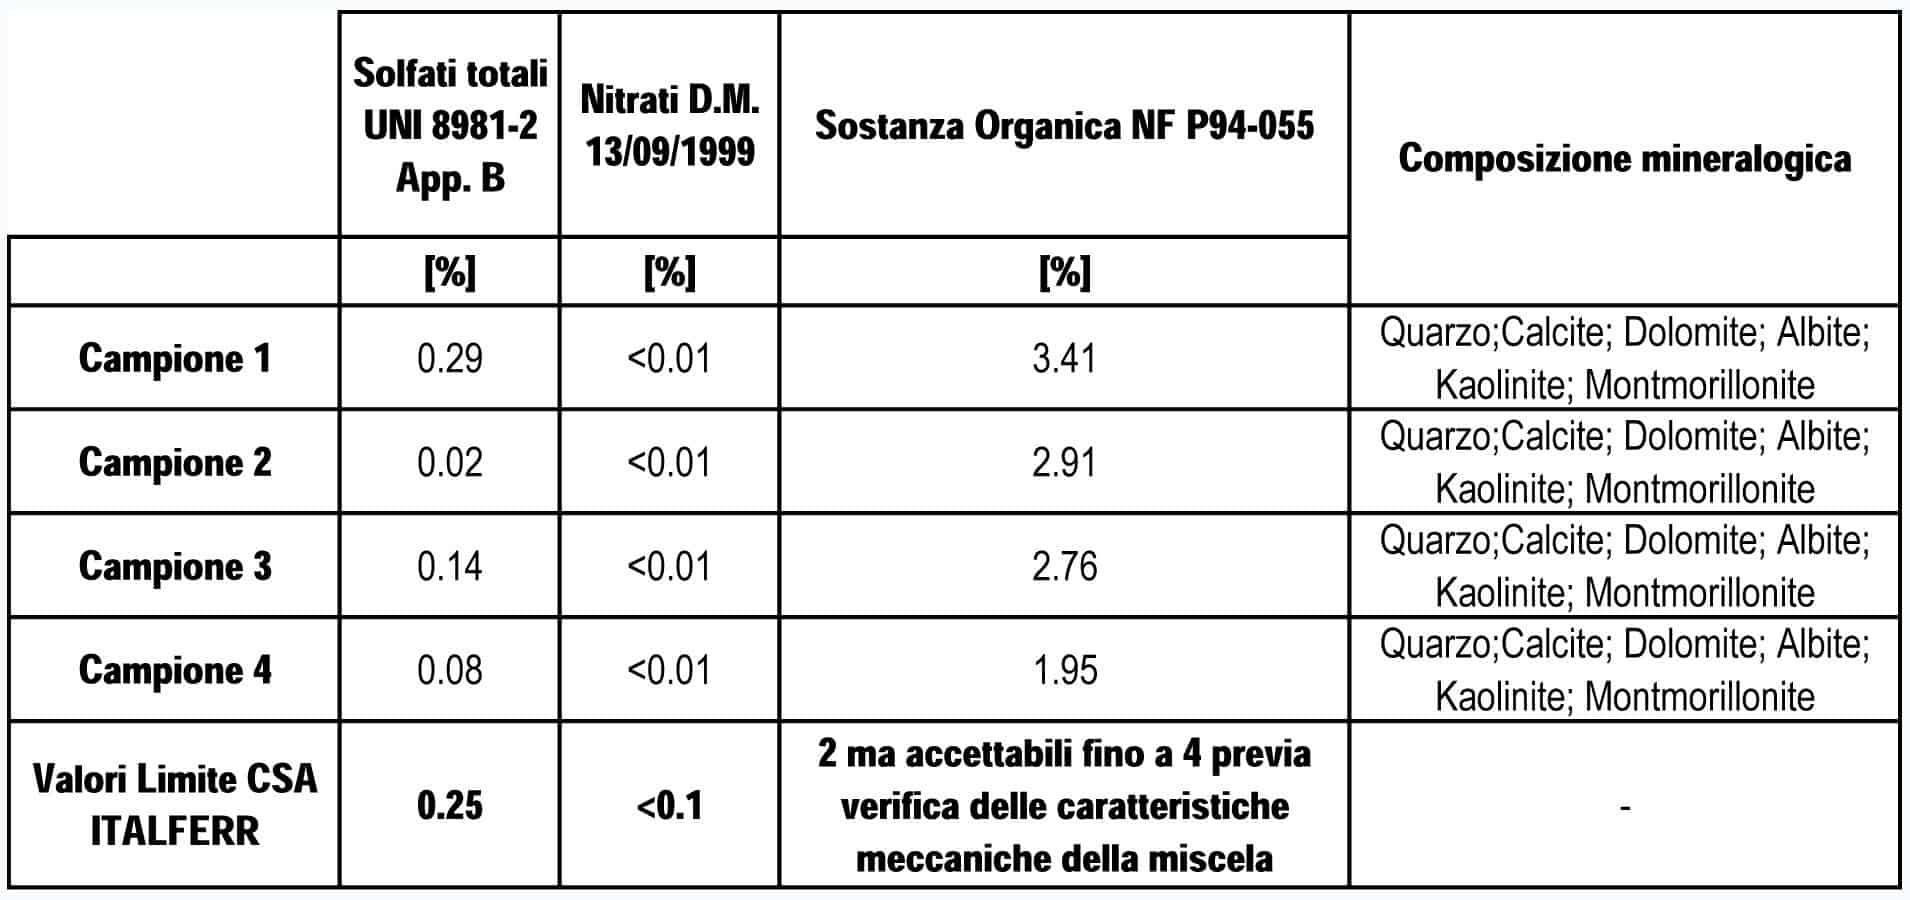 Il quadro riassuntivo prove chimiche e mineralogiche e confronto con il CSA